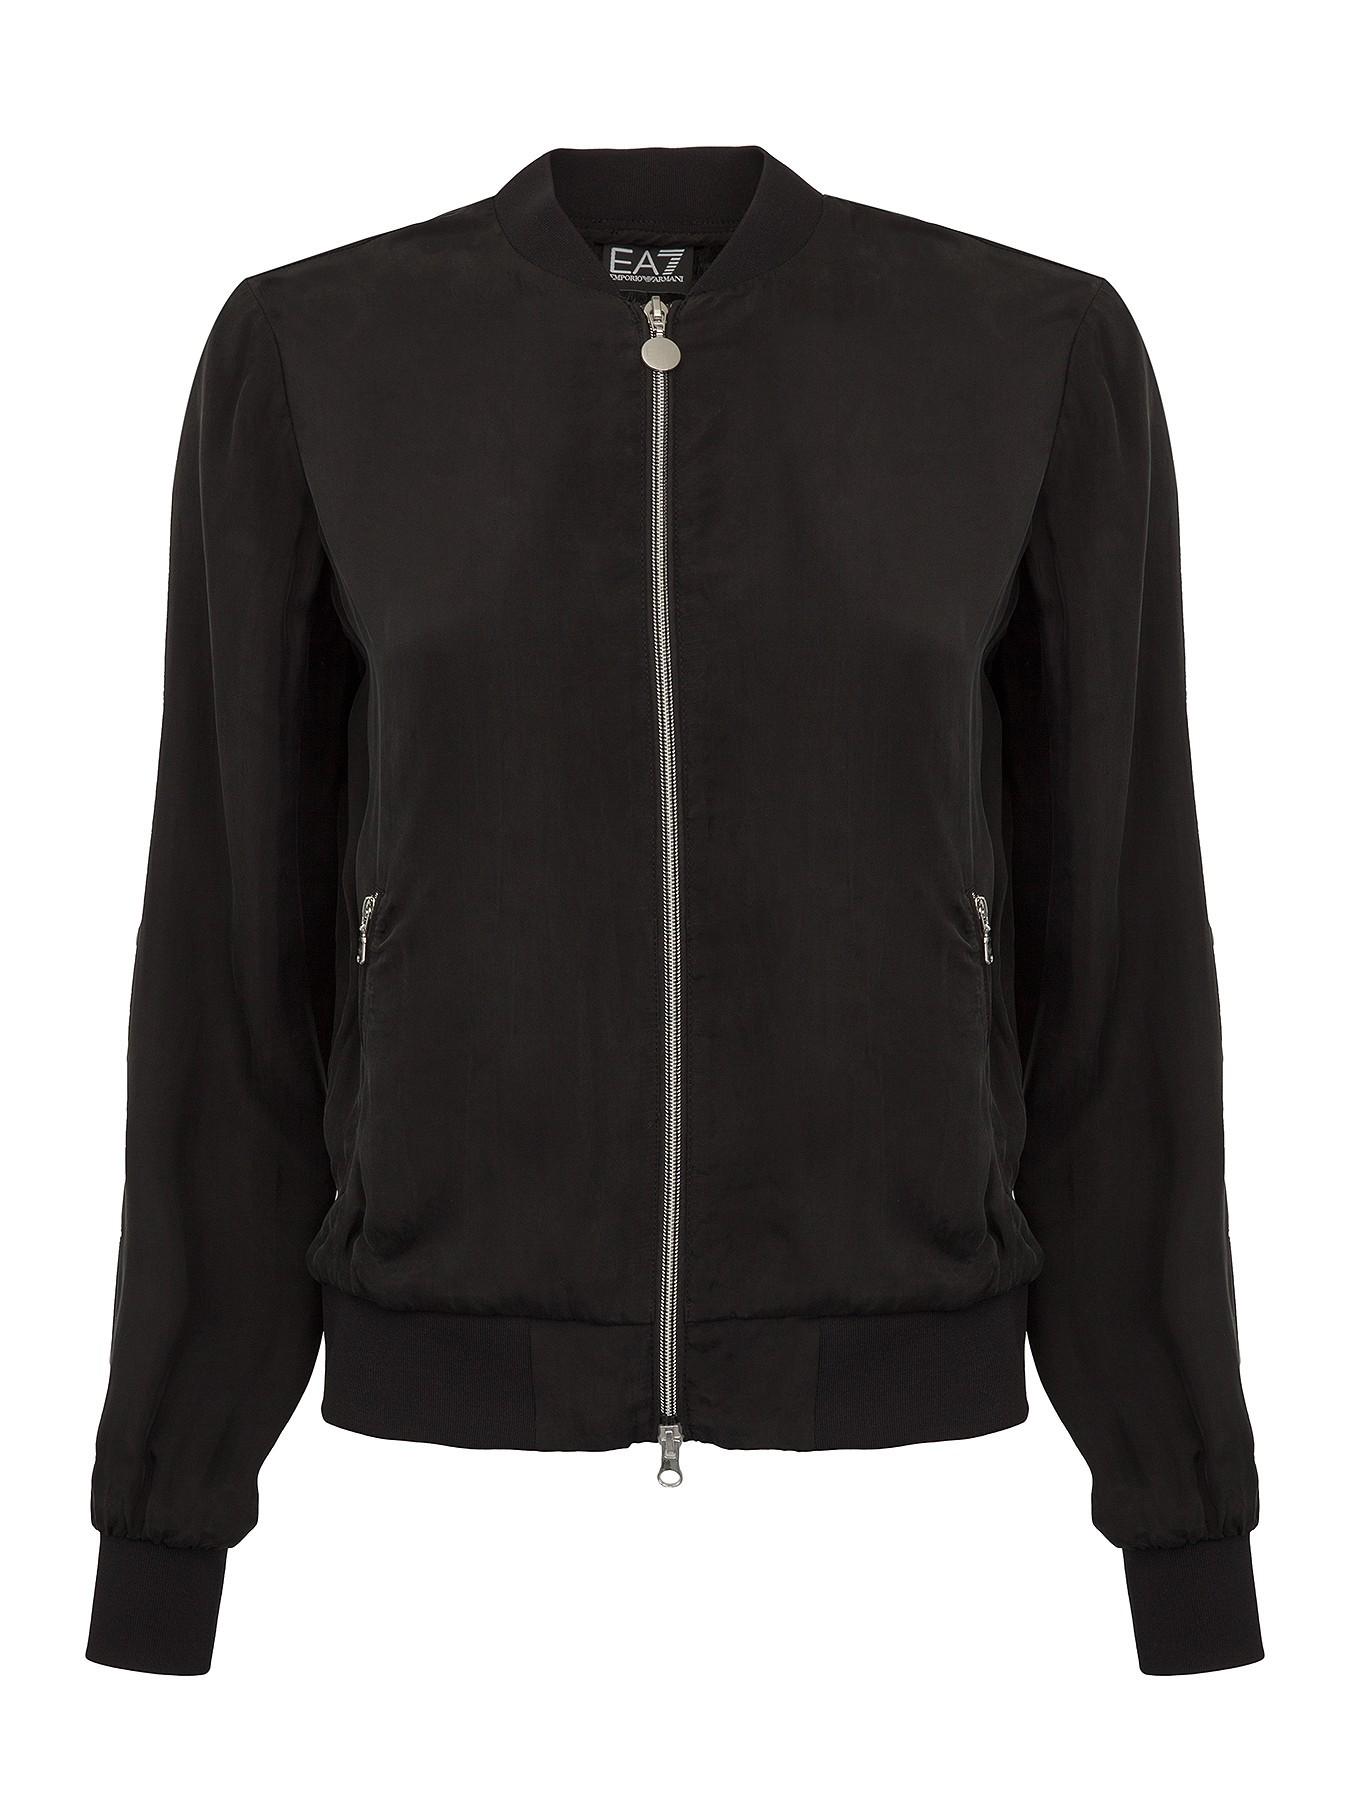 a1441f7dddc5 Куртка женская EMPORIO ARMANI. Загрузка изображения